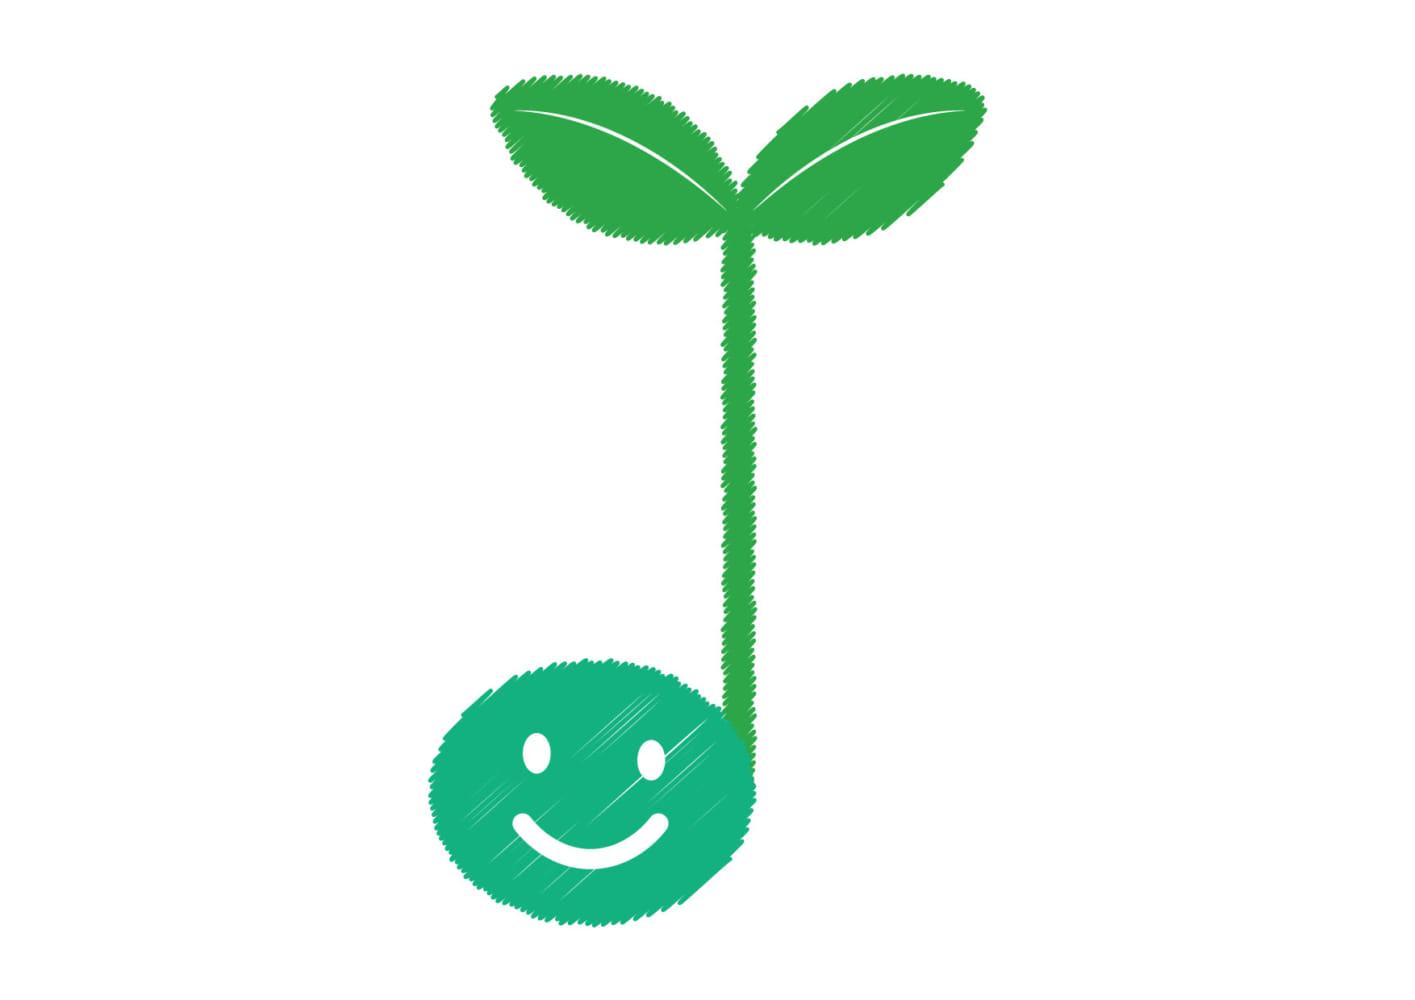 音符 若葉 緑 イラスト 無料